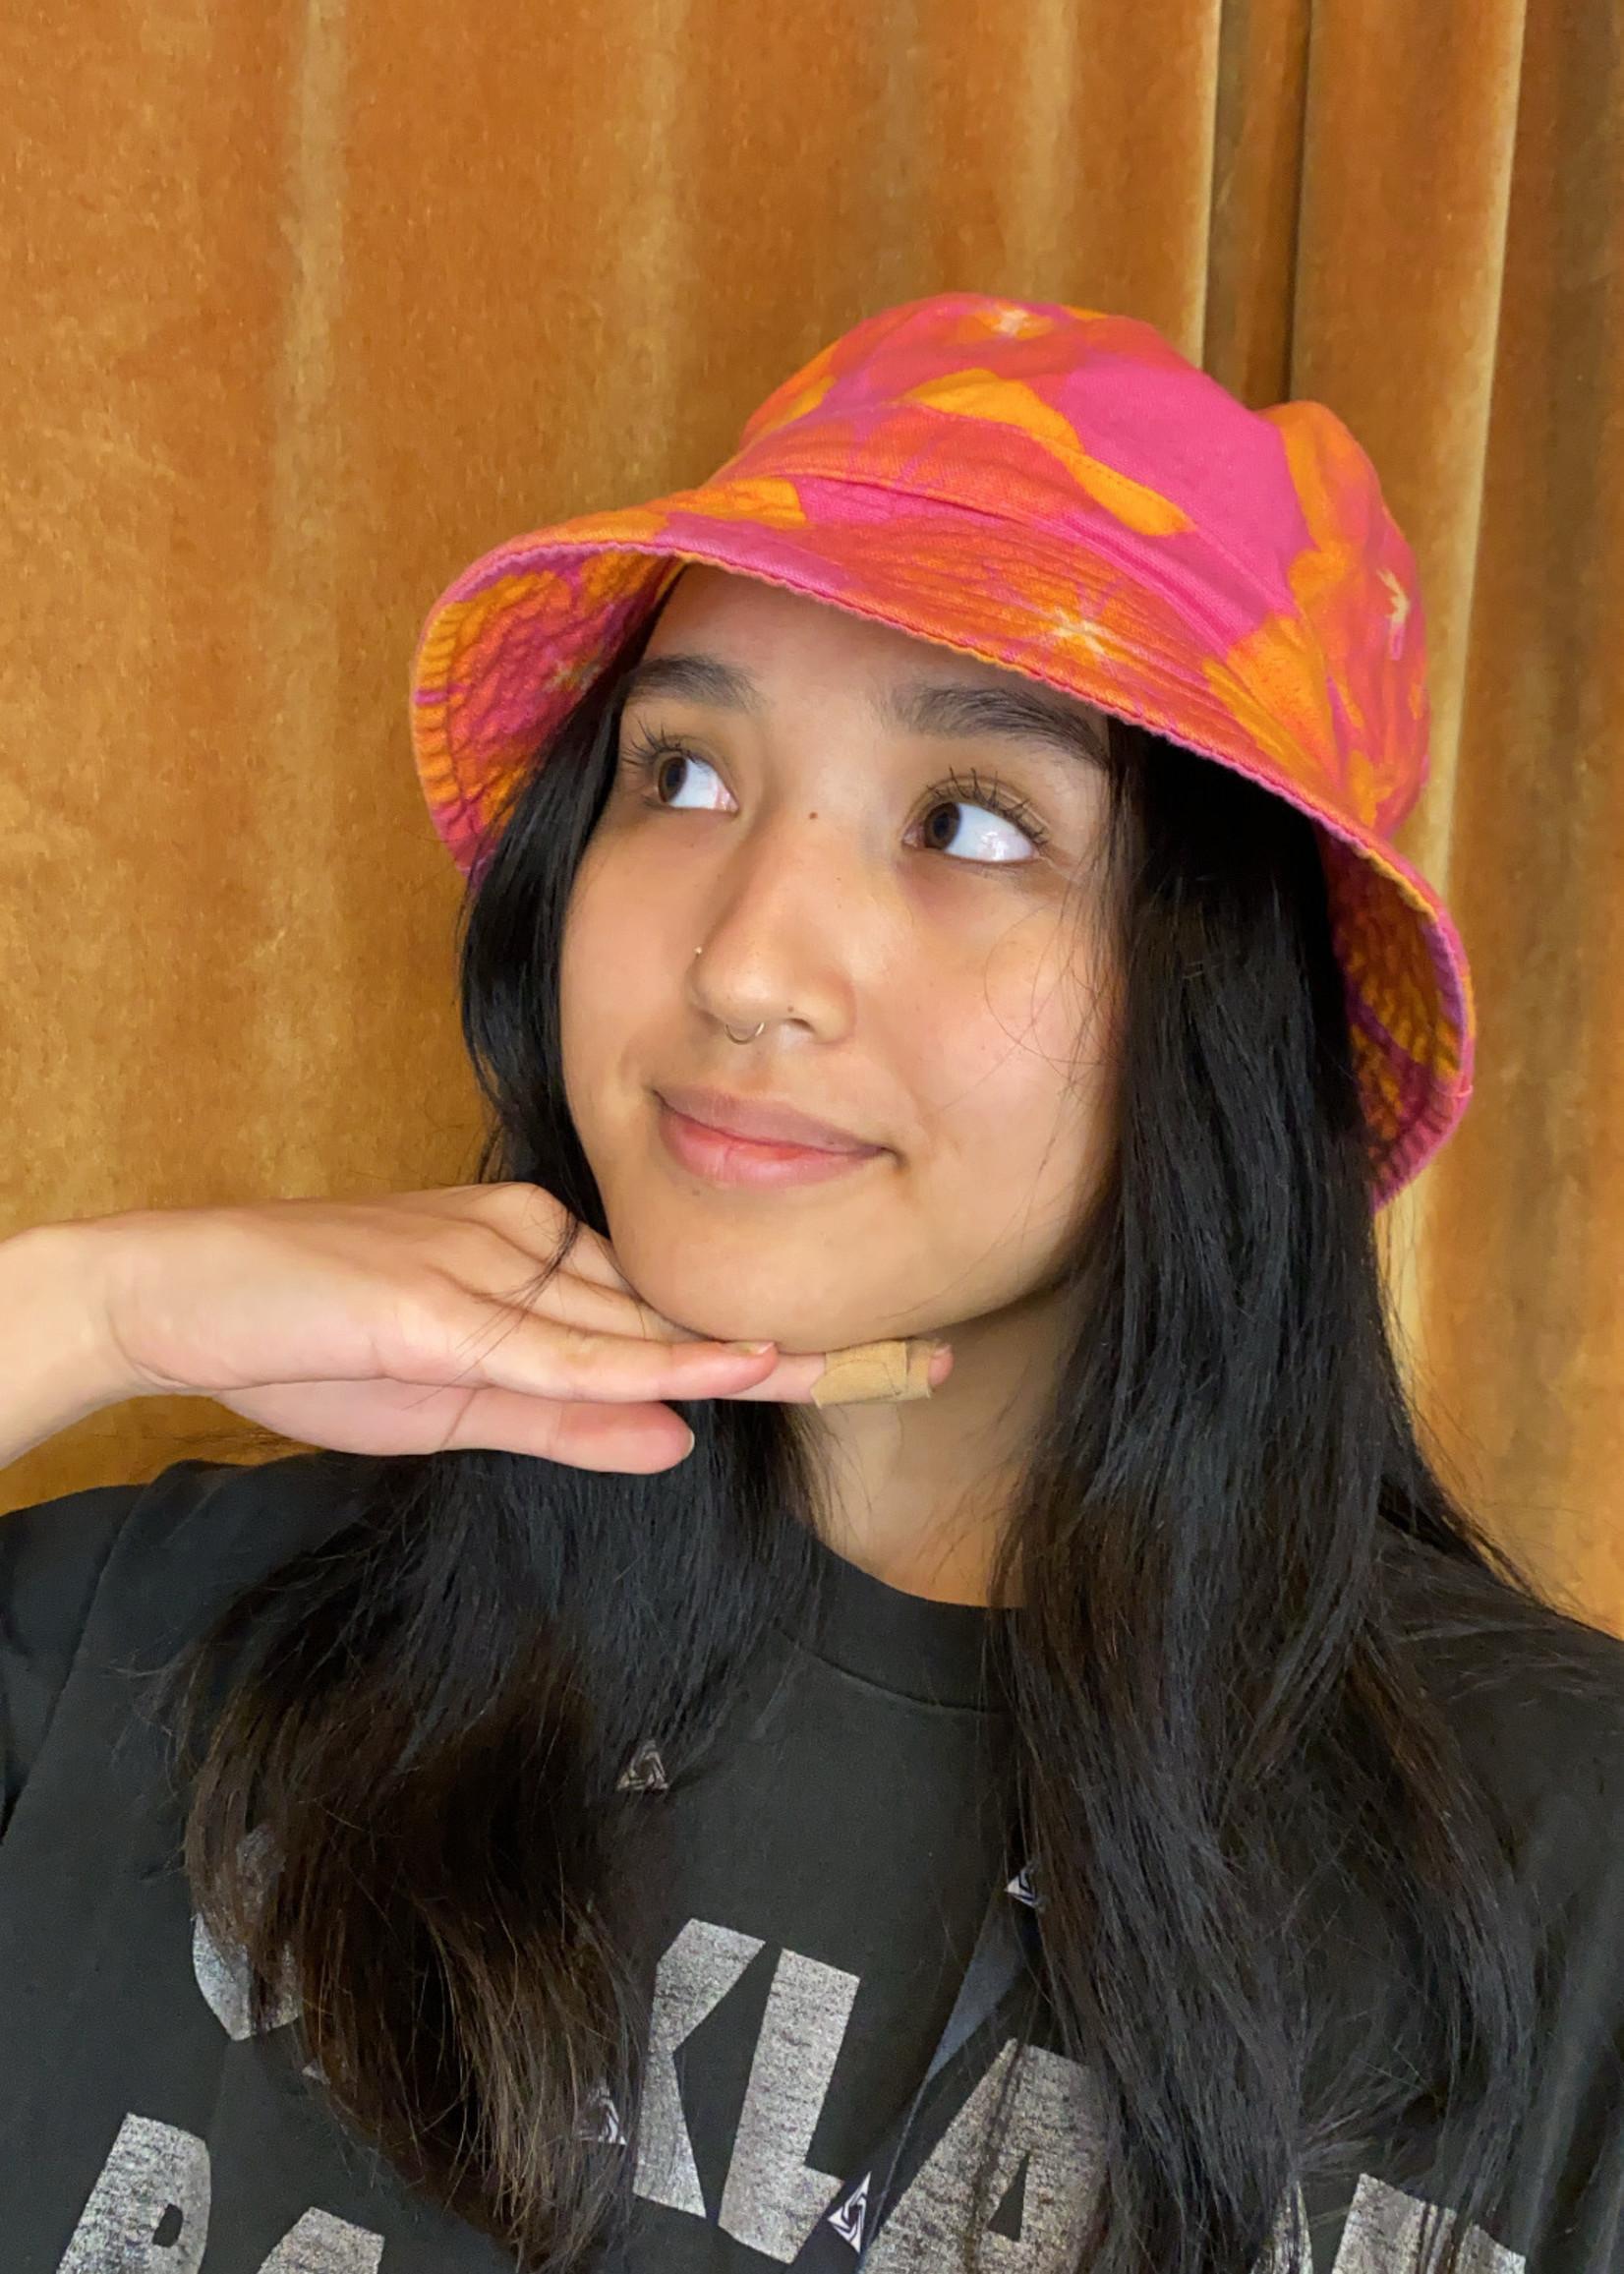 Gap Hot Pink Orange Bucket Hat